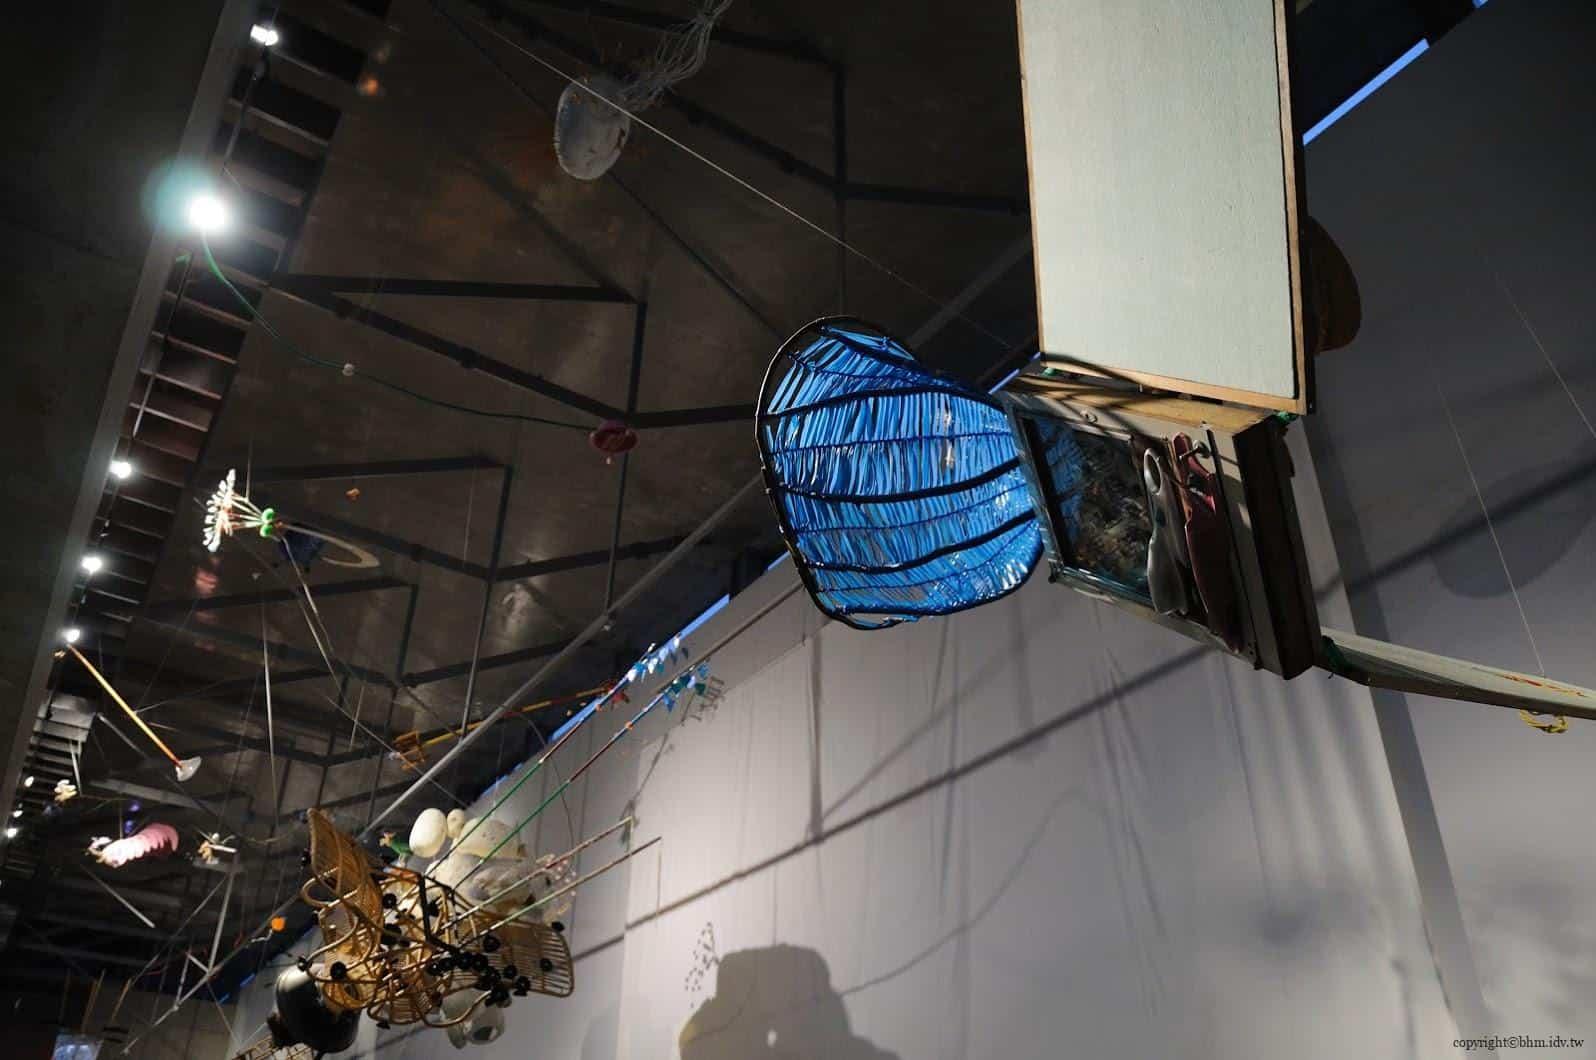 原廣司+ATELIER建築研究所,越後妻有里山現代美術館,使用當地各種回收素材做成的人造衛星,瑞士藝術家Gerda Steiner & Jorg Lenzlinger(ゲルダ・シュタイナー&ヨルク・レンツリンガー)的作品《GHOST SATELLITES》(ゴースト・サテライト) 越後妻有里山現代美術館 越後妻有里山現代美術館 echigo tsumari kouryukan echigo tsumari exchange center 15